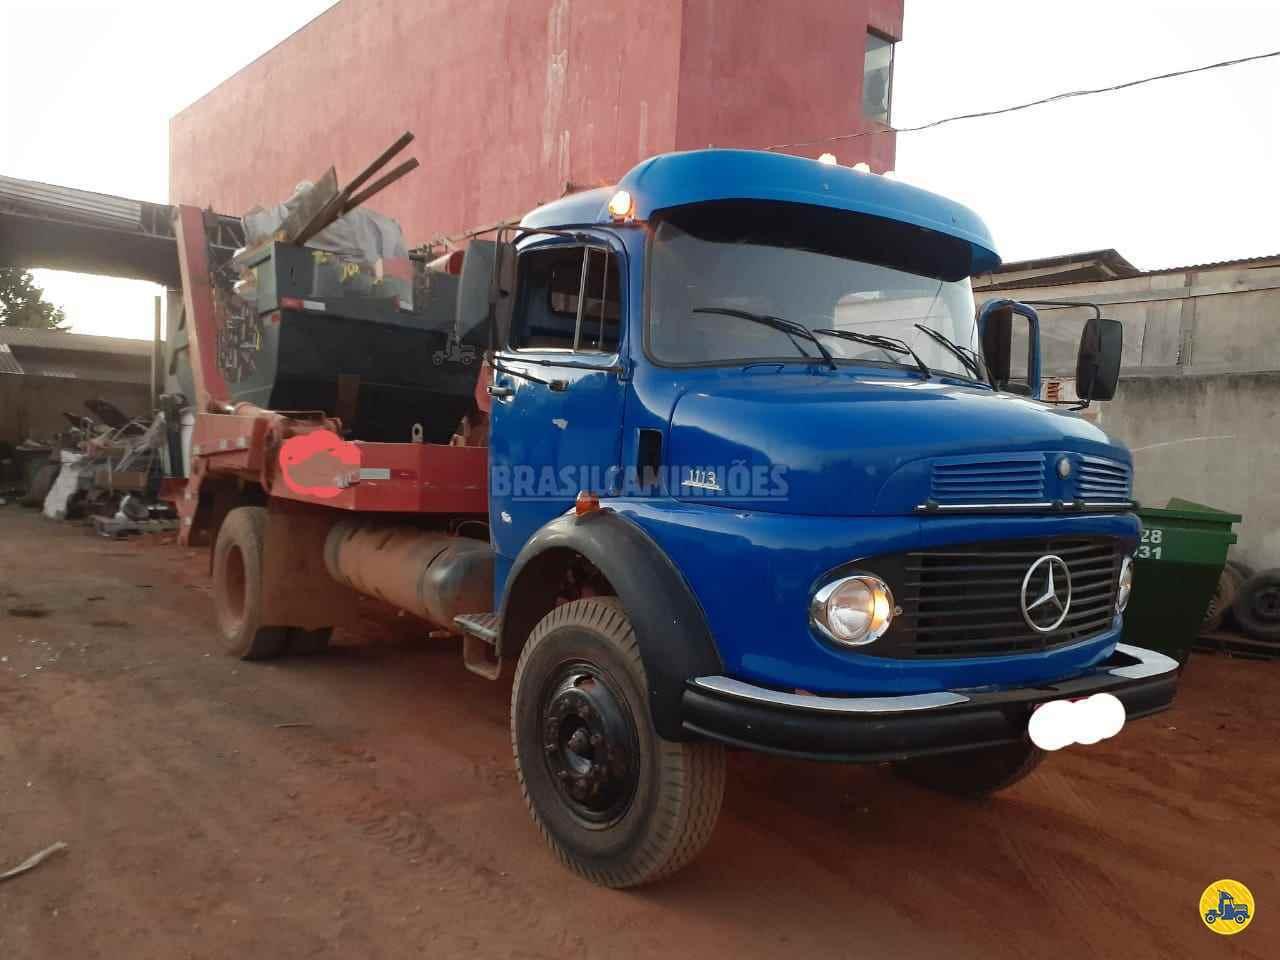 CAMINHAO MERCEDES-BENZ MB 1113 Caçamba Basculante Toco 4x2 Brasil Caminhões Sinop SINOP MATO GROSSO MT